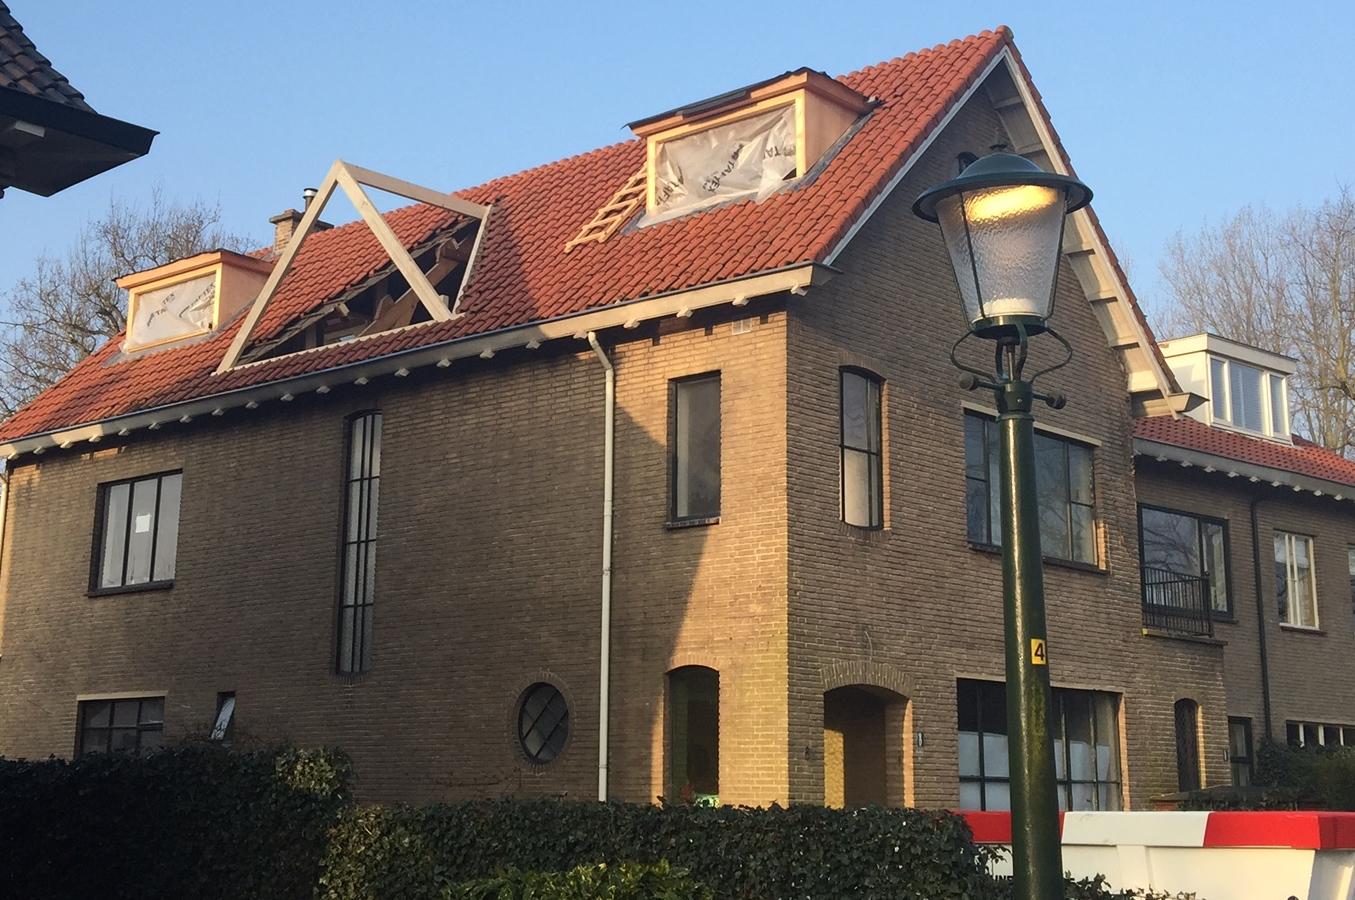 Renovatie jaren 30 huis vanwoonhuisnaardroomhuis - Huis renovatie ...